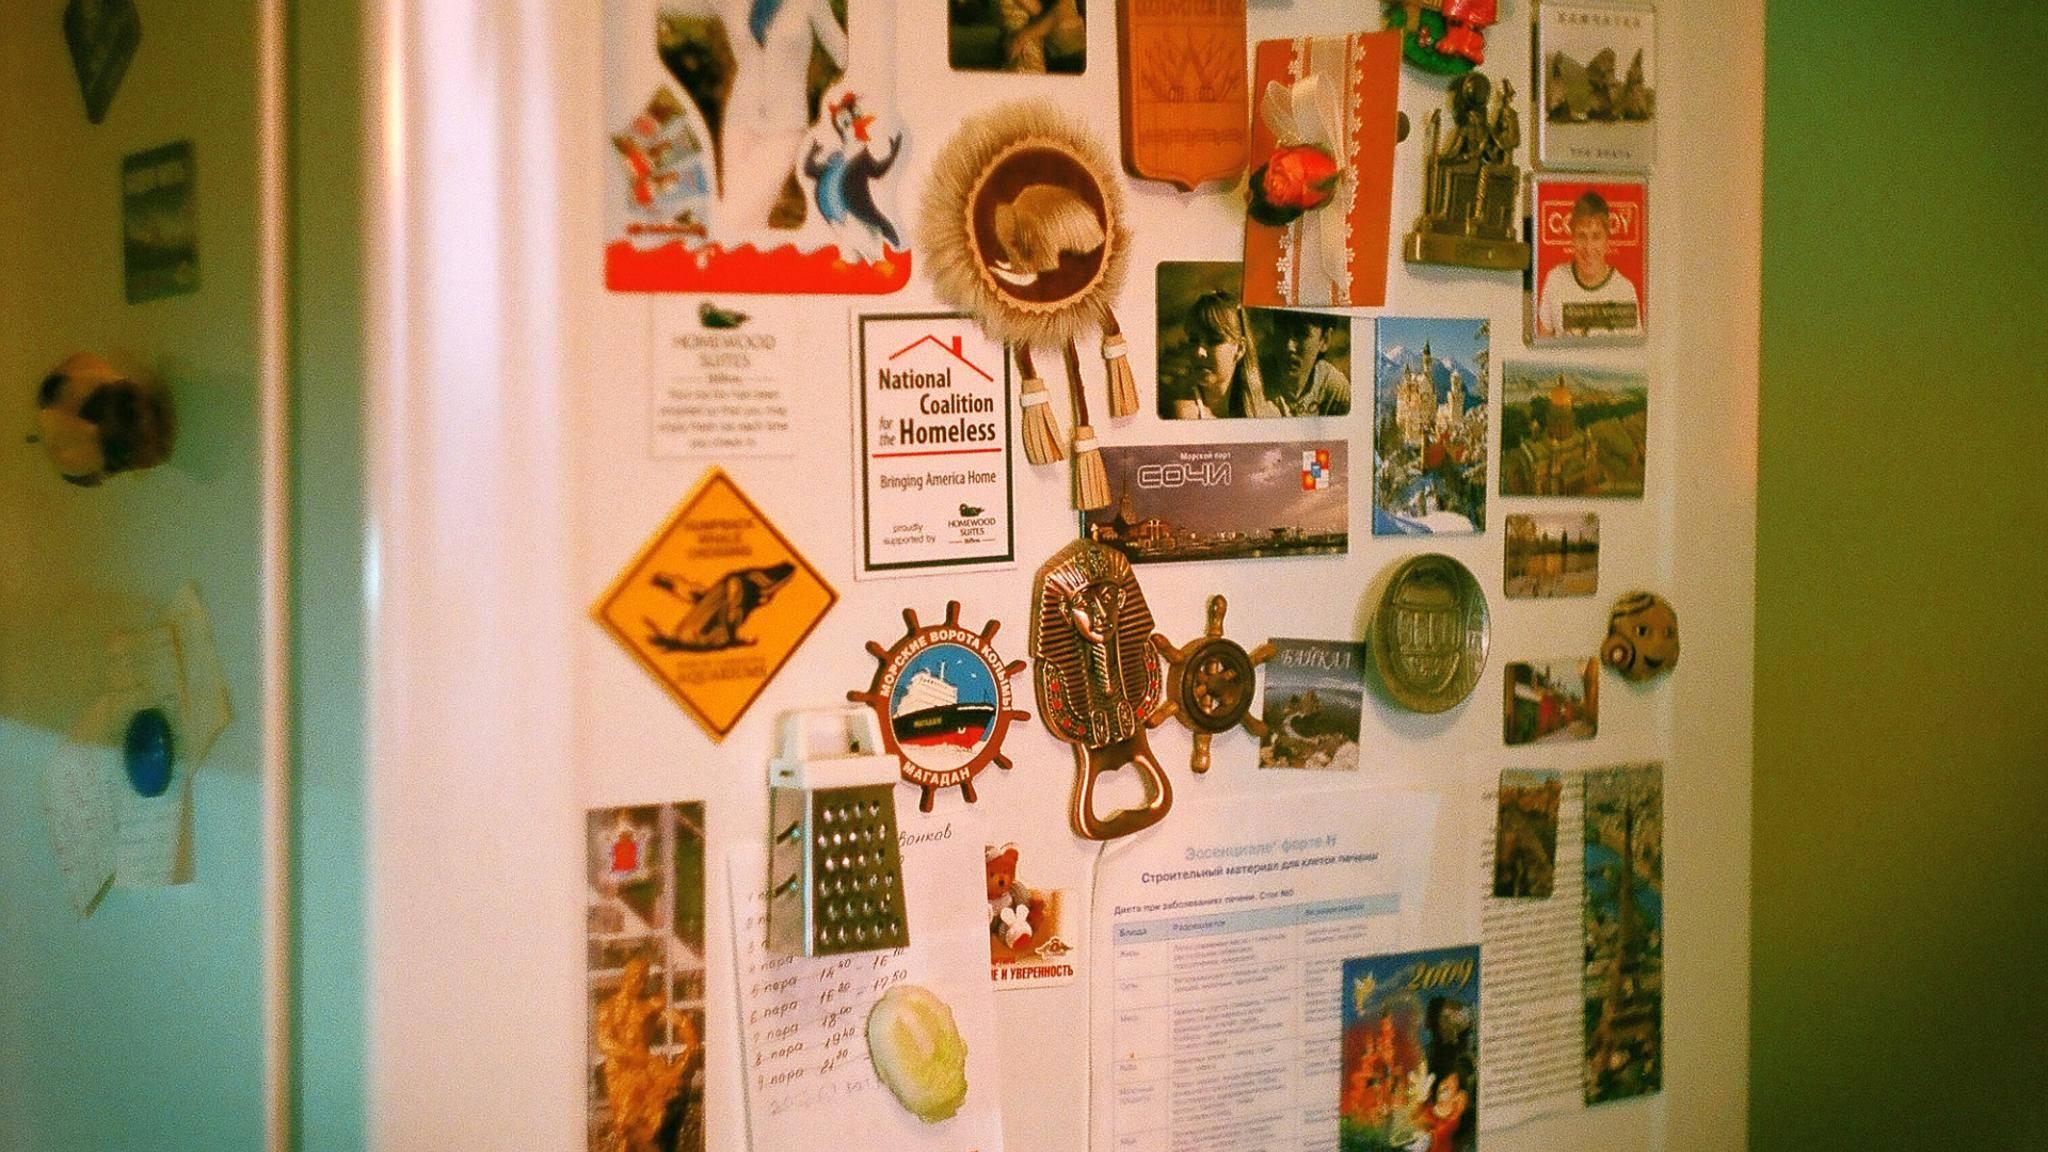 Und, wie sieht Deiner aus? Kühlschränke sind oftmals echte Kunstwerke.